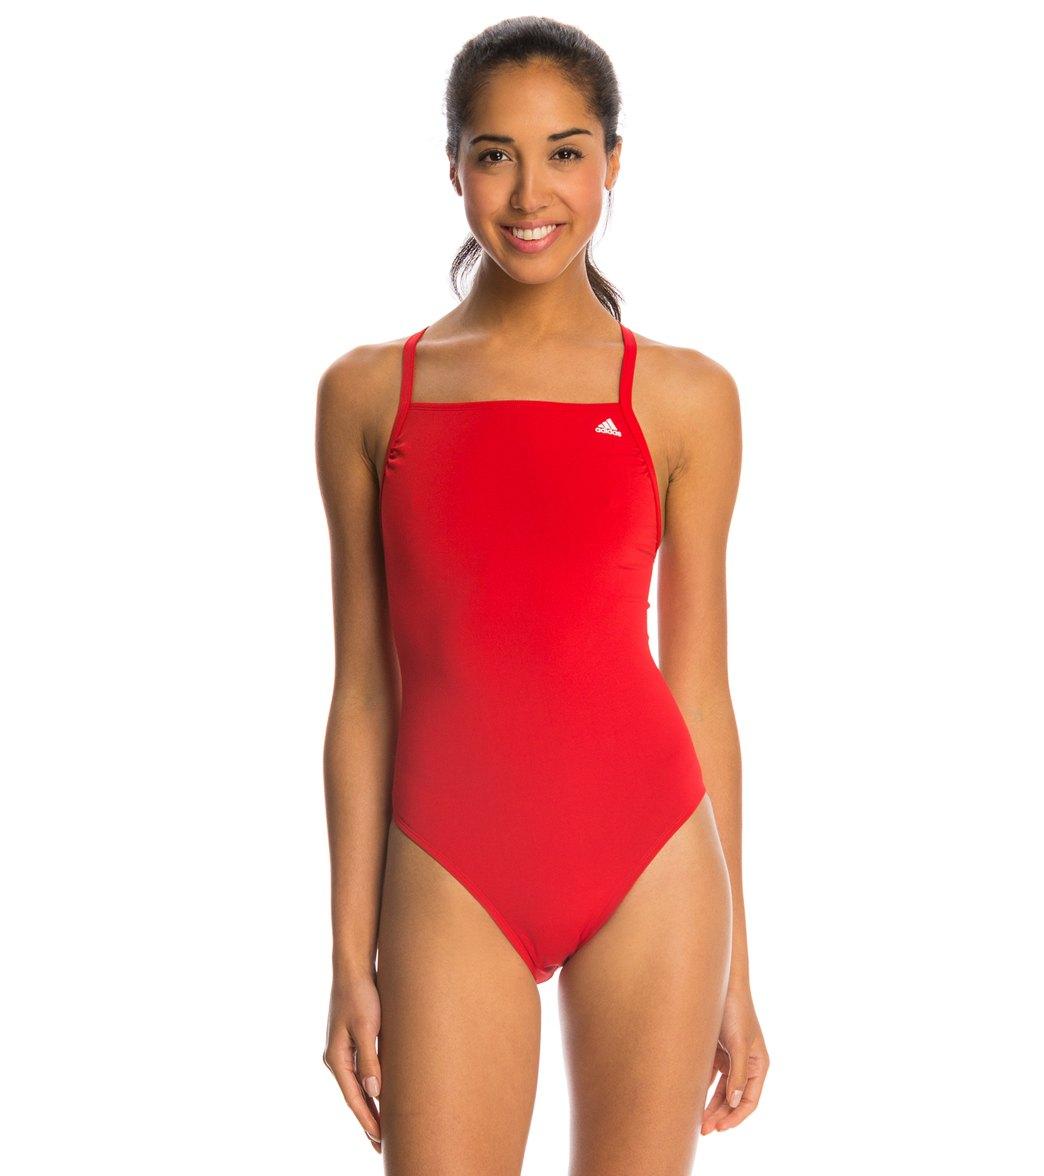 Adidas Women's Infinitex + Solids Vortex Back One Piece Swimsuit